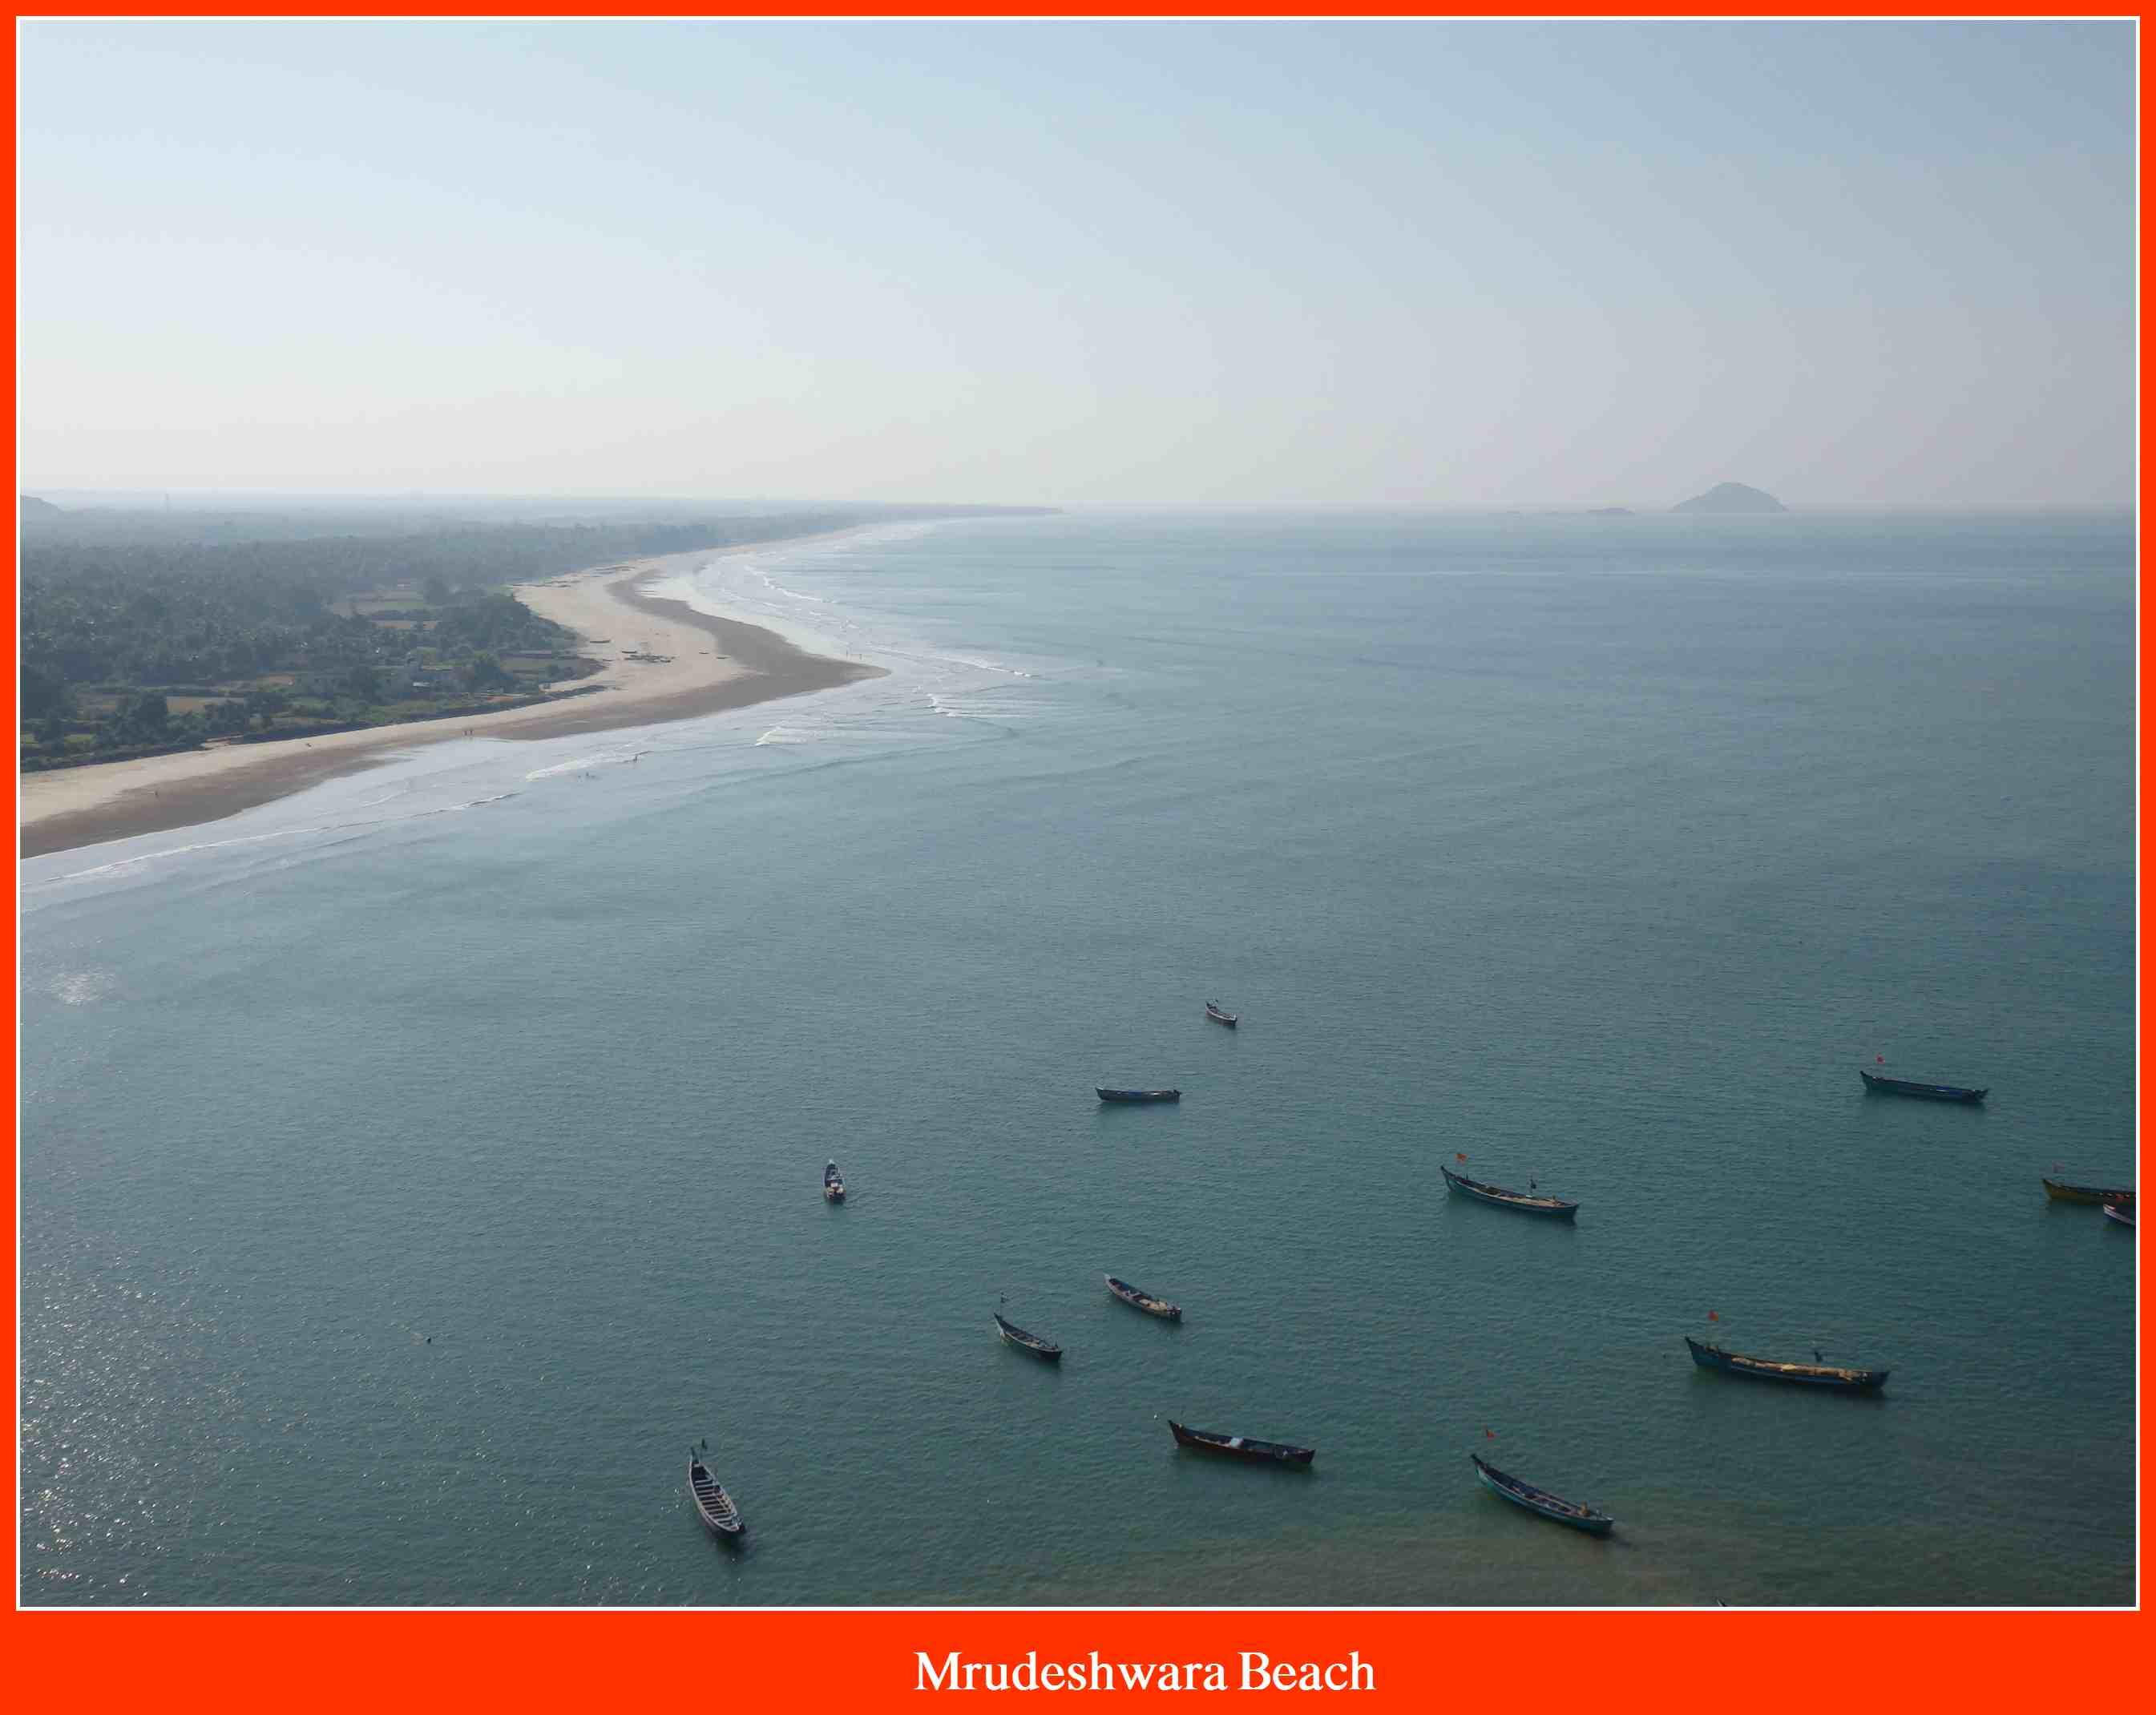 Mrudeshwara Beach